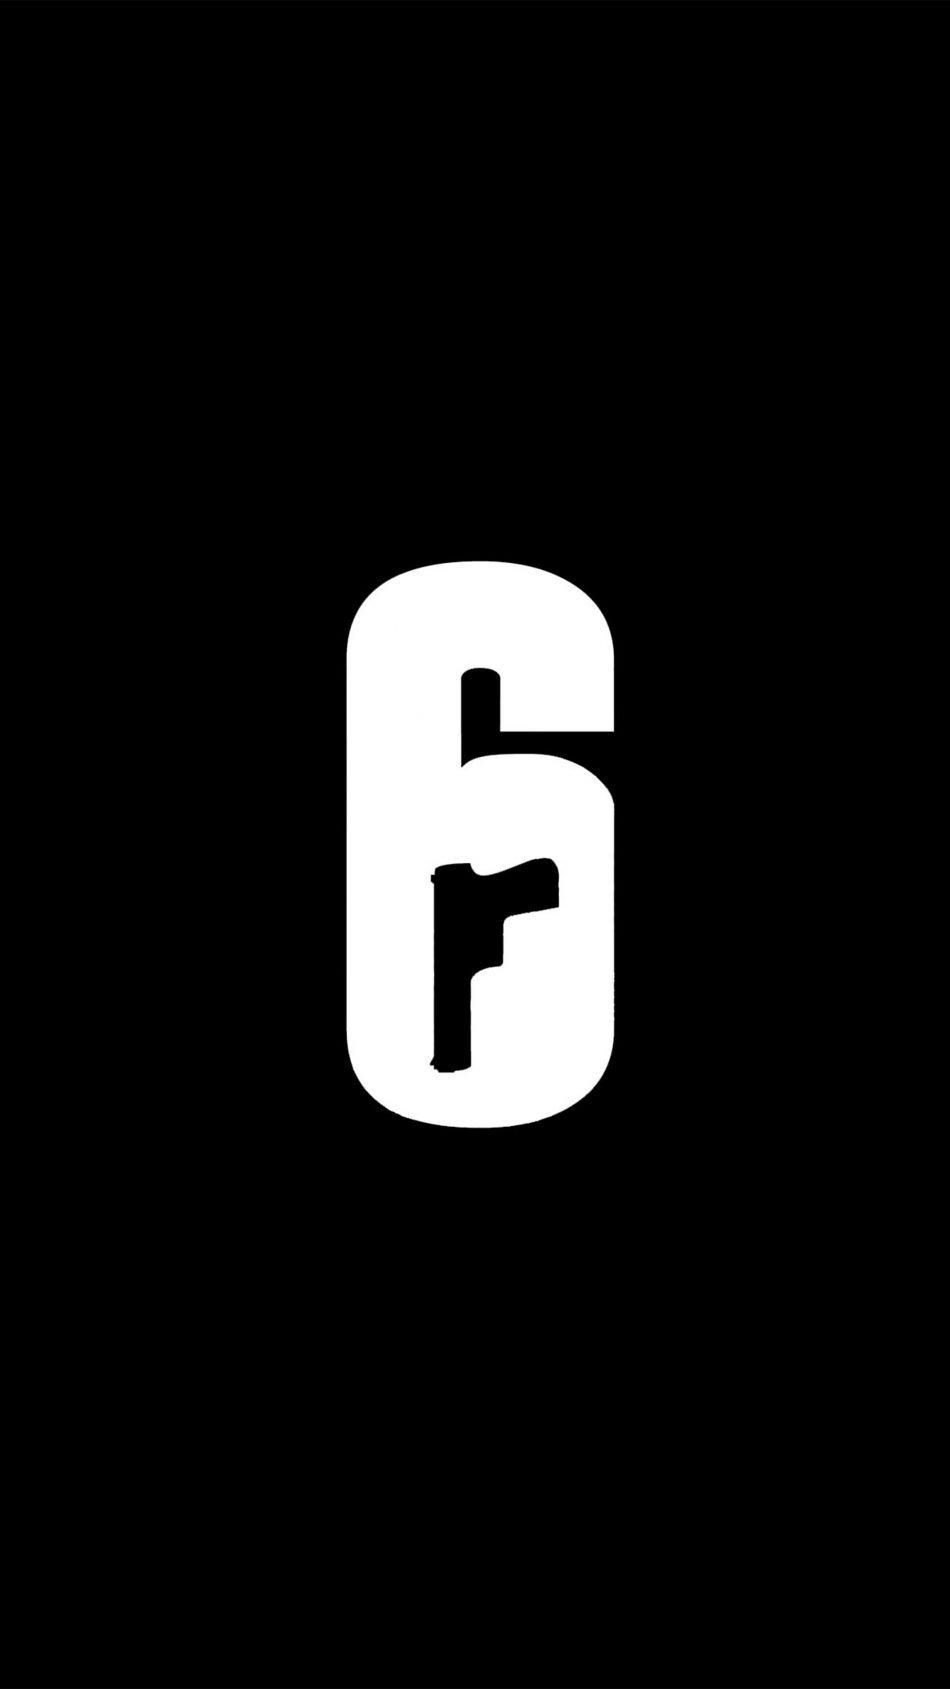 Tom Clancy S Rainbow Six Siege Minimal Logo Free 4k Ultra Hd